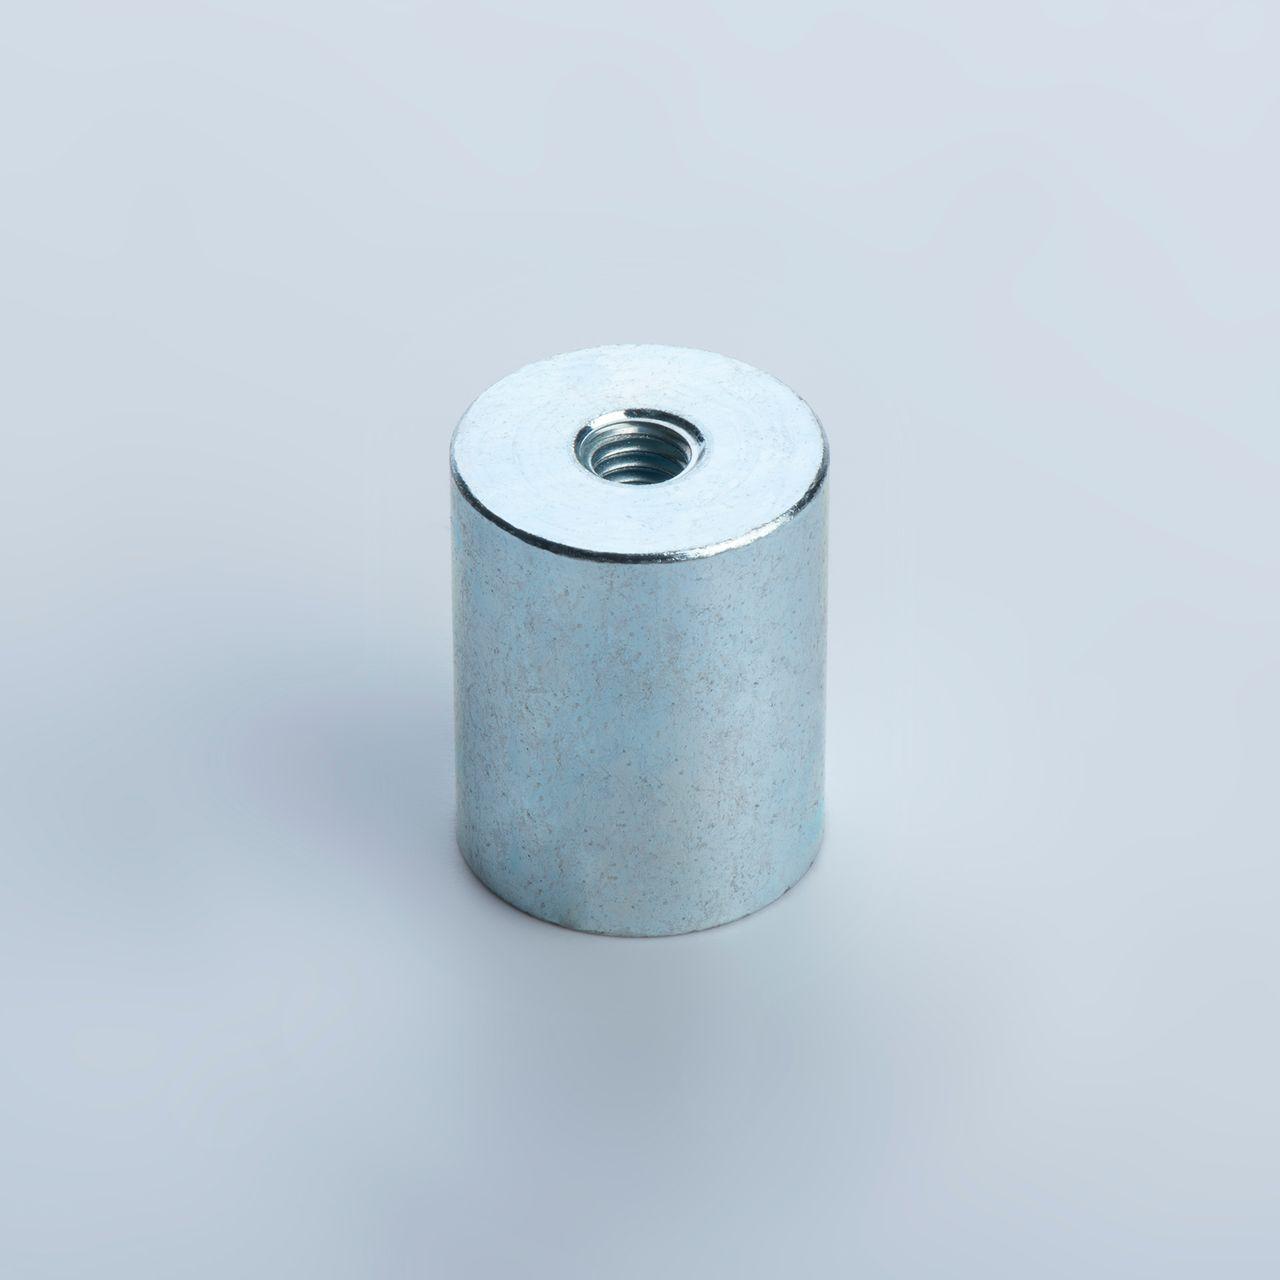 Bar holding magnet made of NdFeB, steel housing with internal thread, galvanized, thyssenkrupp Magnettechnik